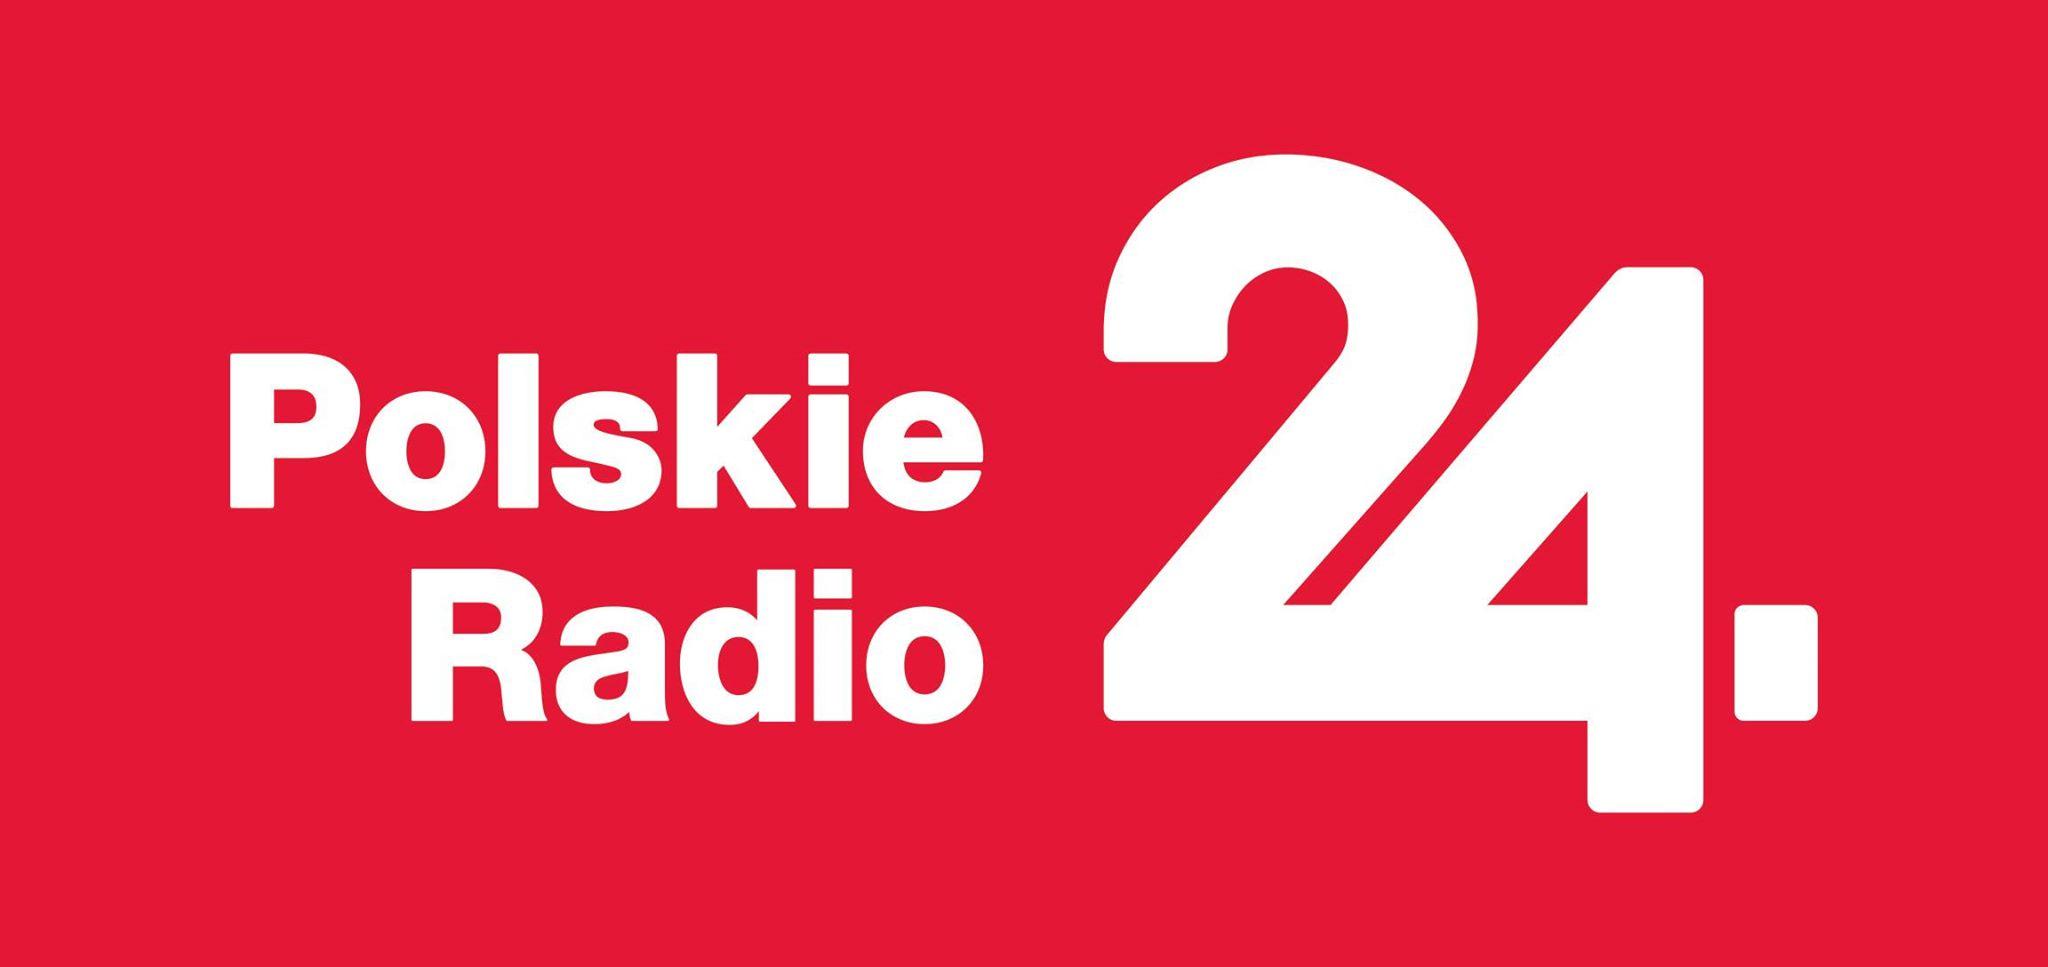 Polskie Radio 24 – 23.04.2016 – Grzegorz Frątczak – Akcelerator startupów